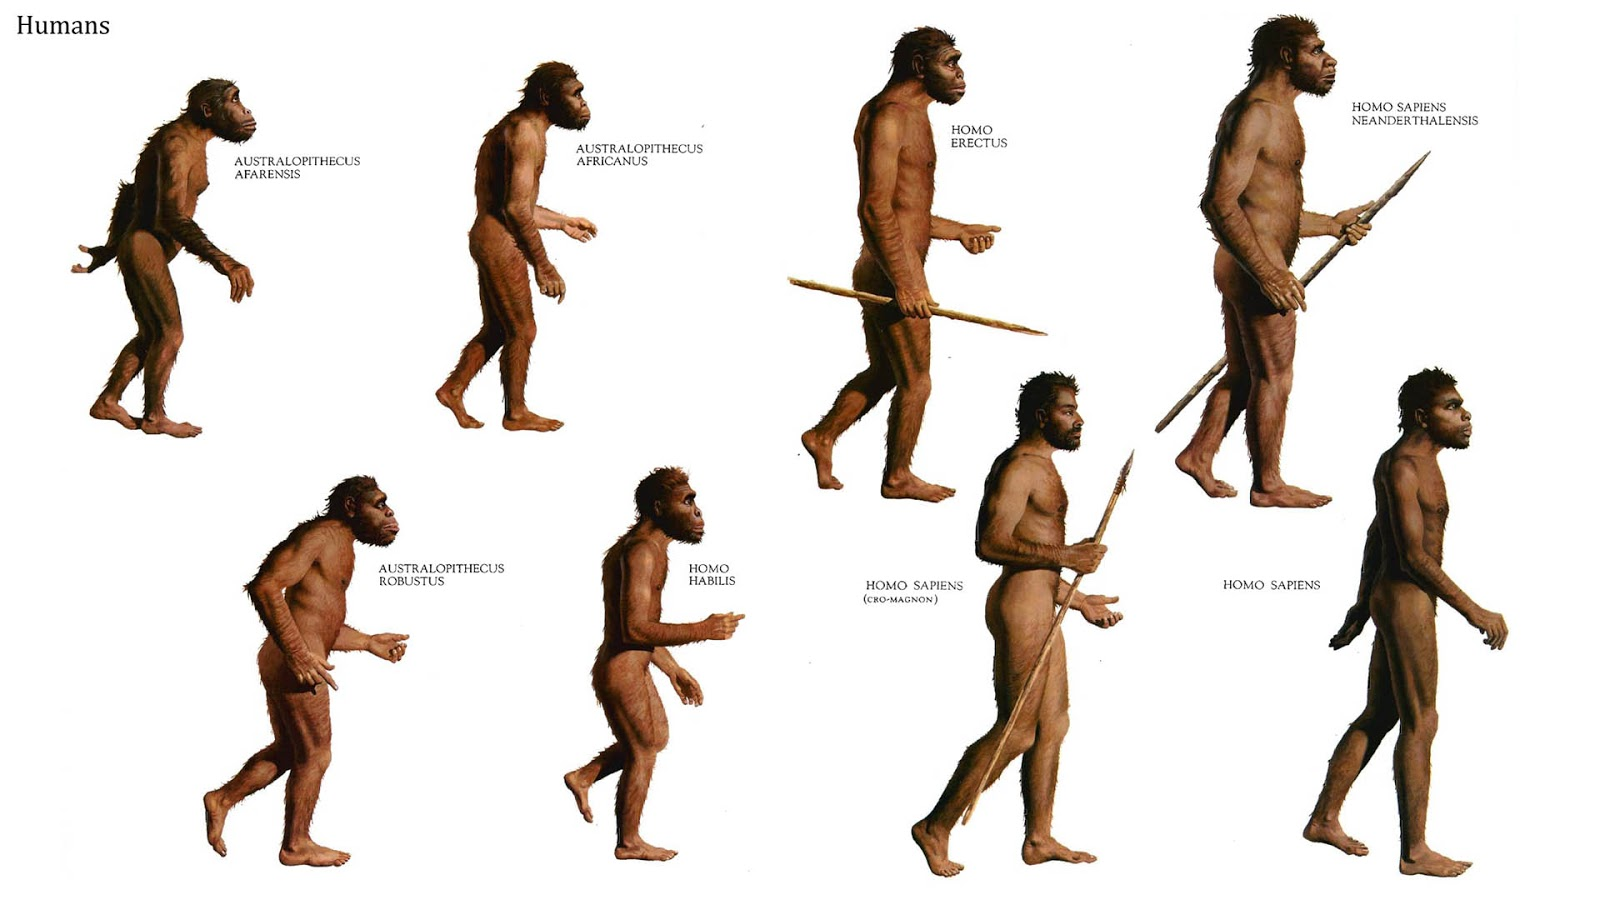 Risultato immagine per homo sapiens